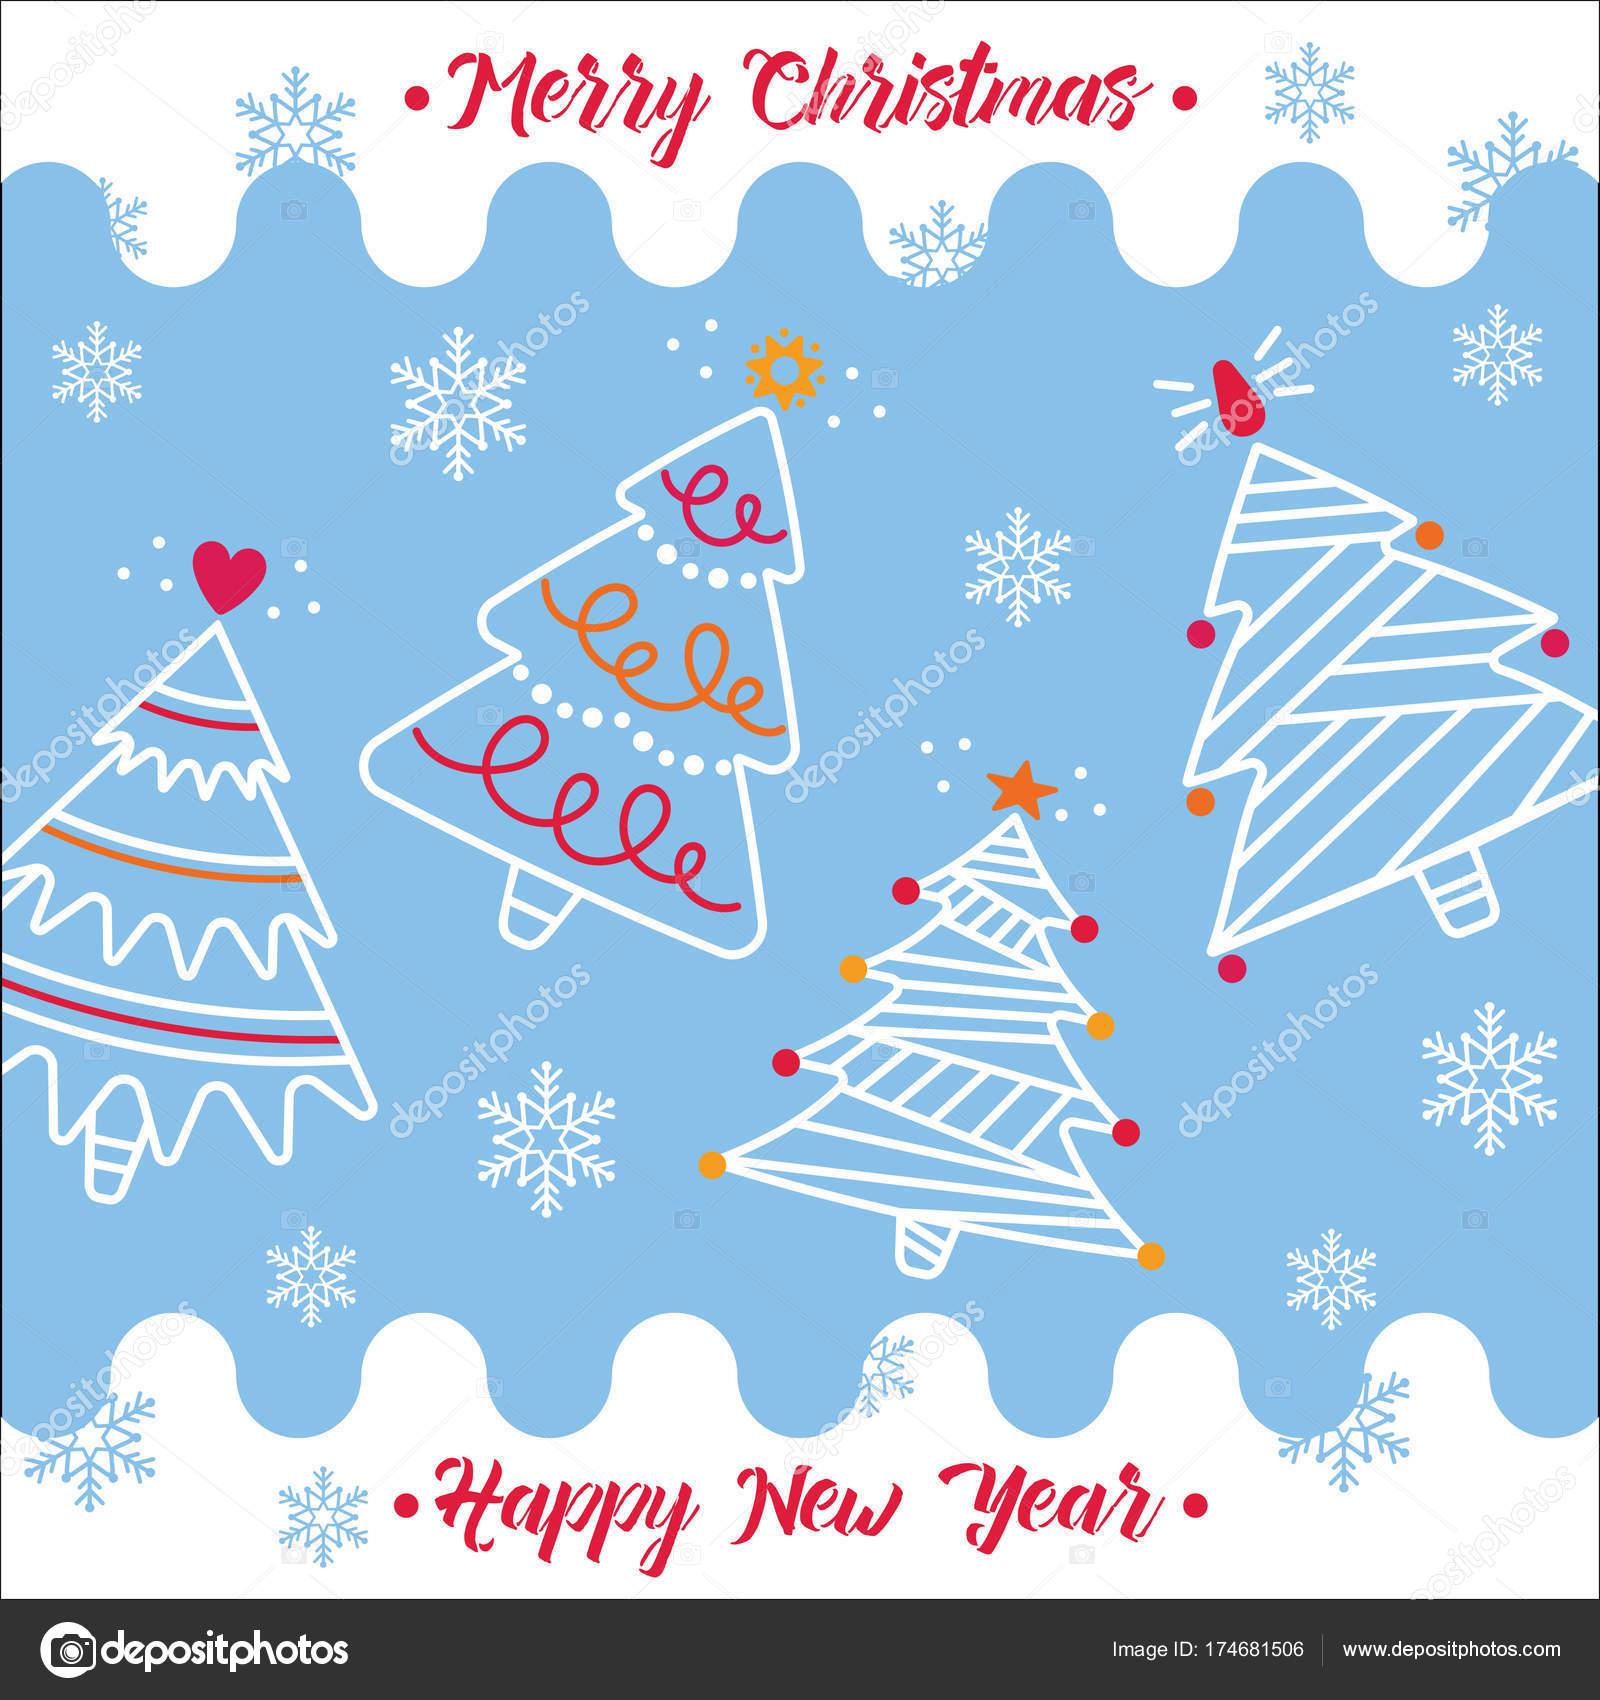 Joyeux Noel Et Nouvel An.2018 6 Heureux De Nouvel An Et Joyeux Noel Image